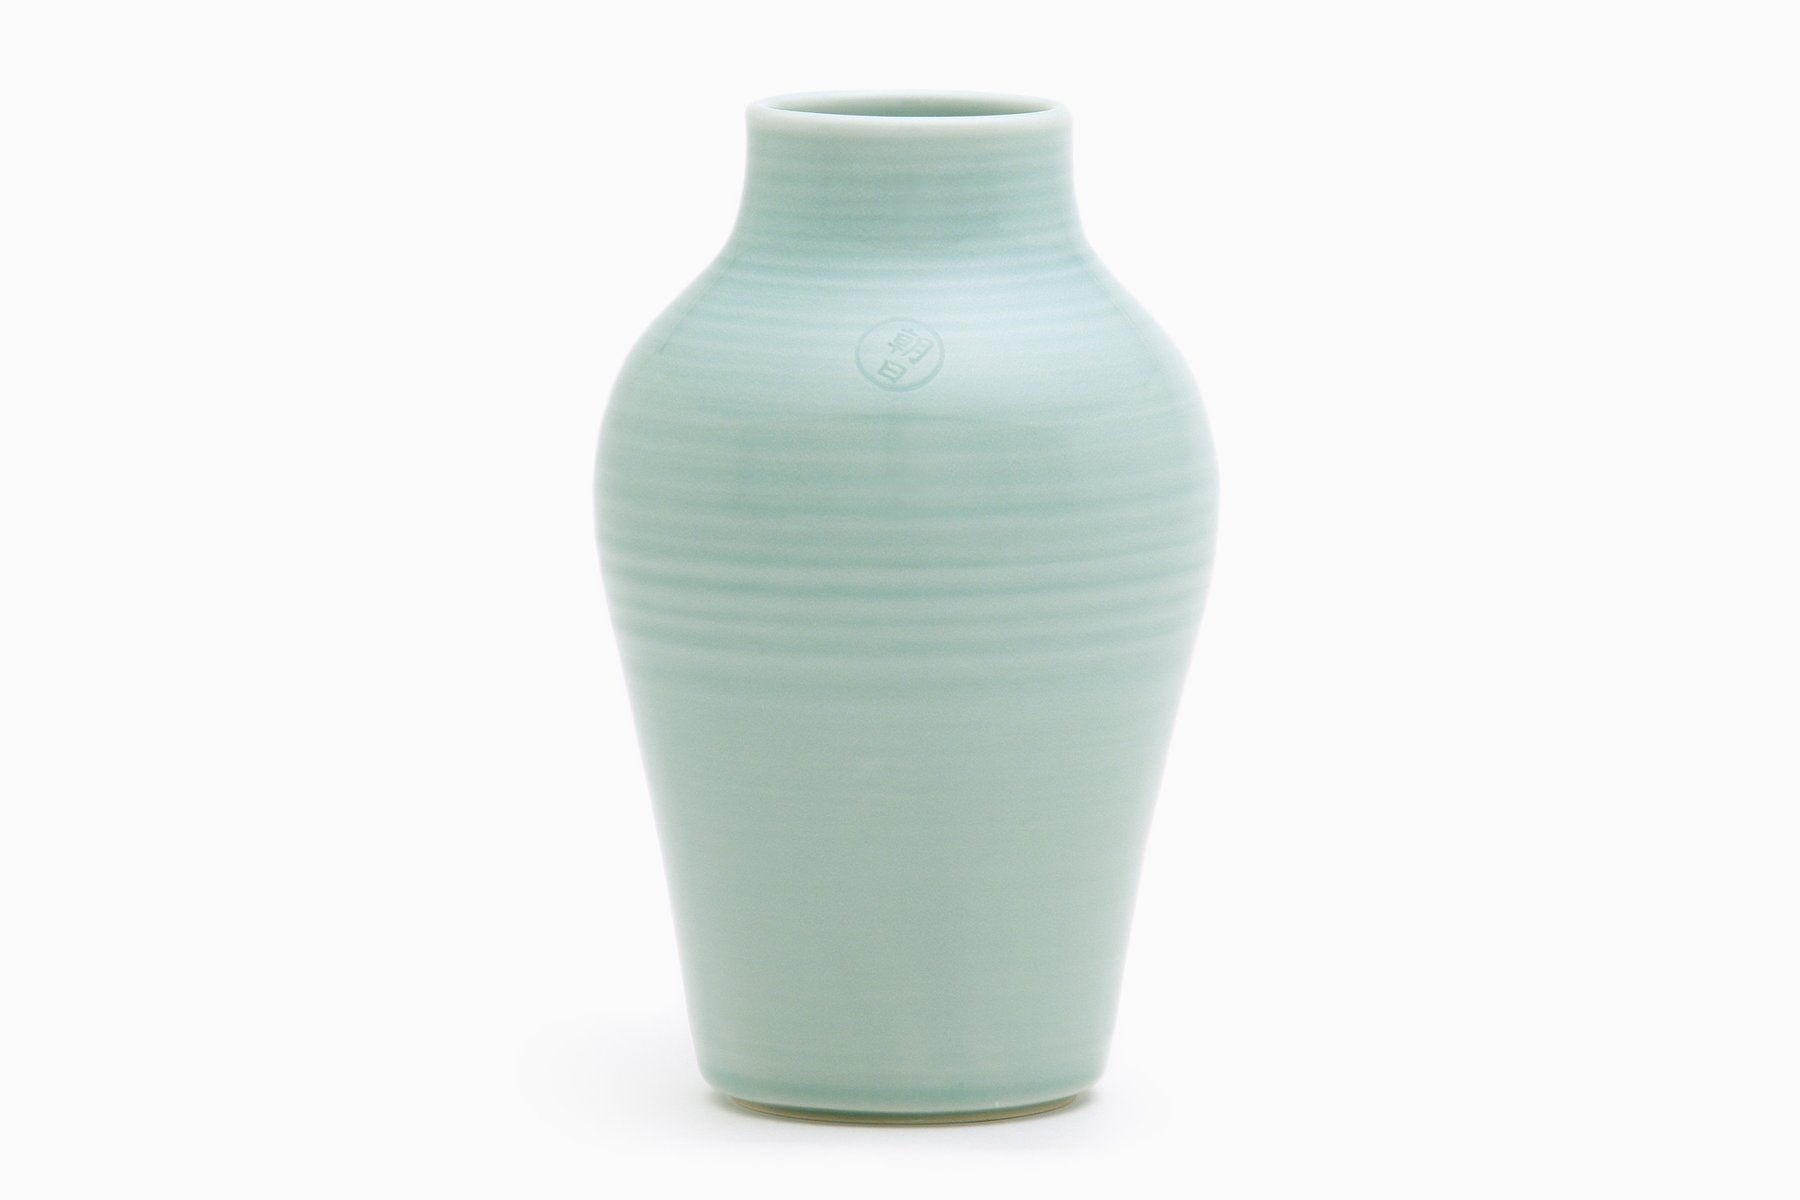 Hohe Vase In Aquamarin Von Asahiyaki Bei Pamono Kaufen